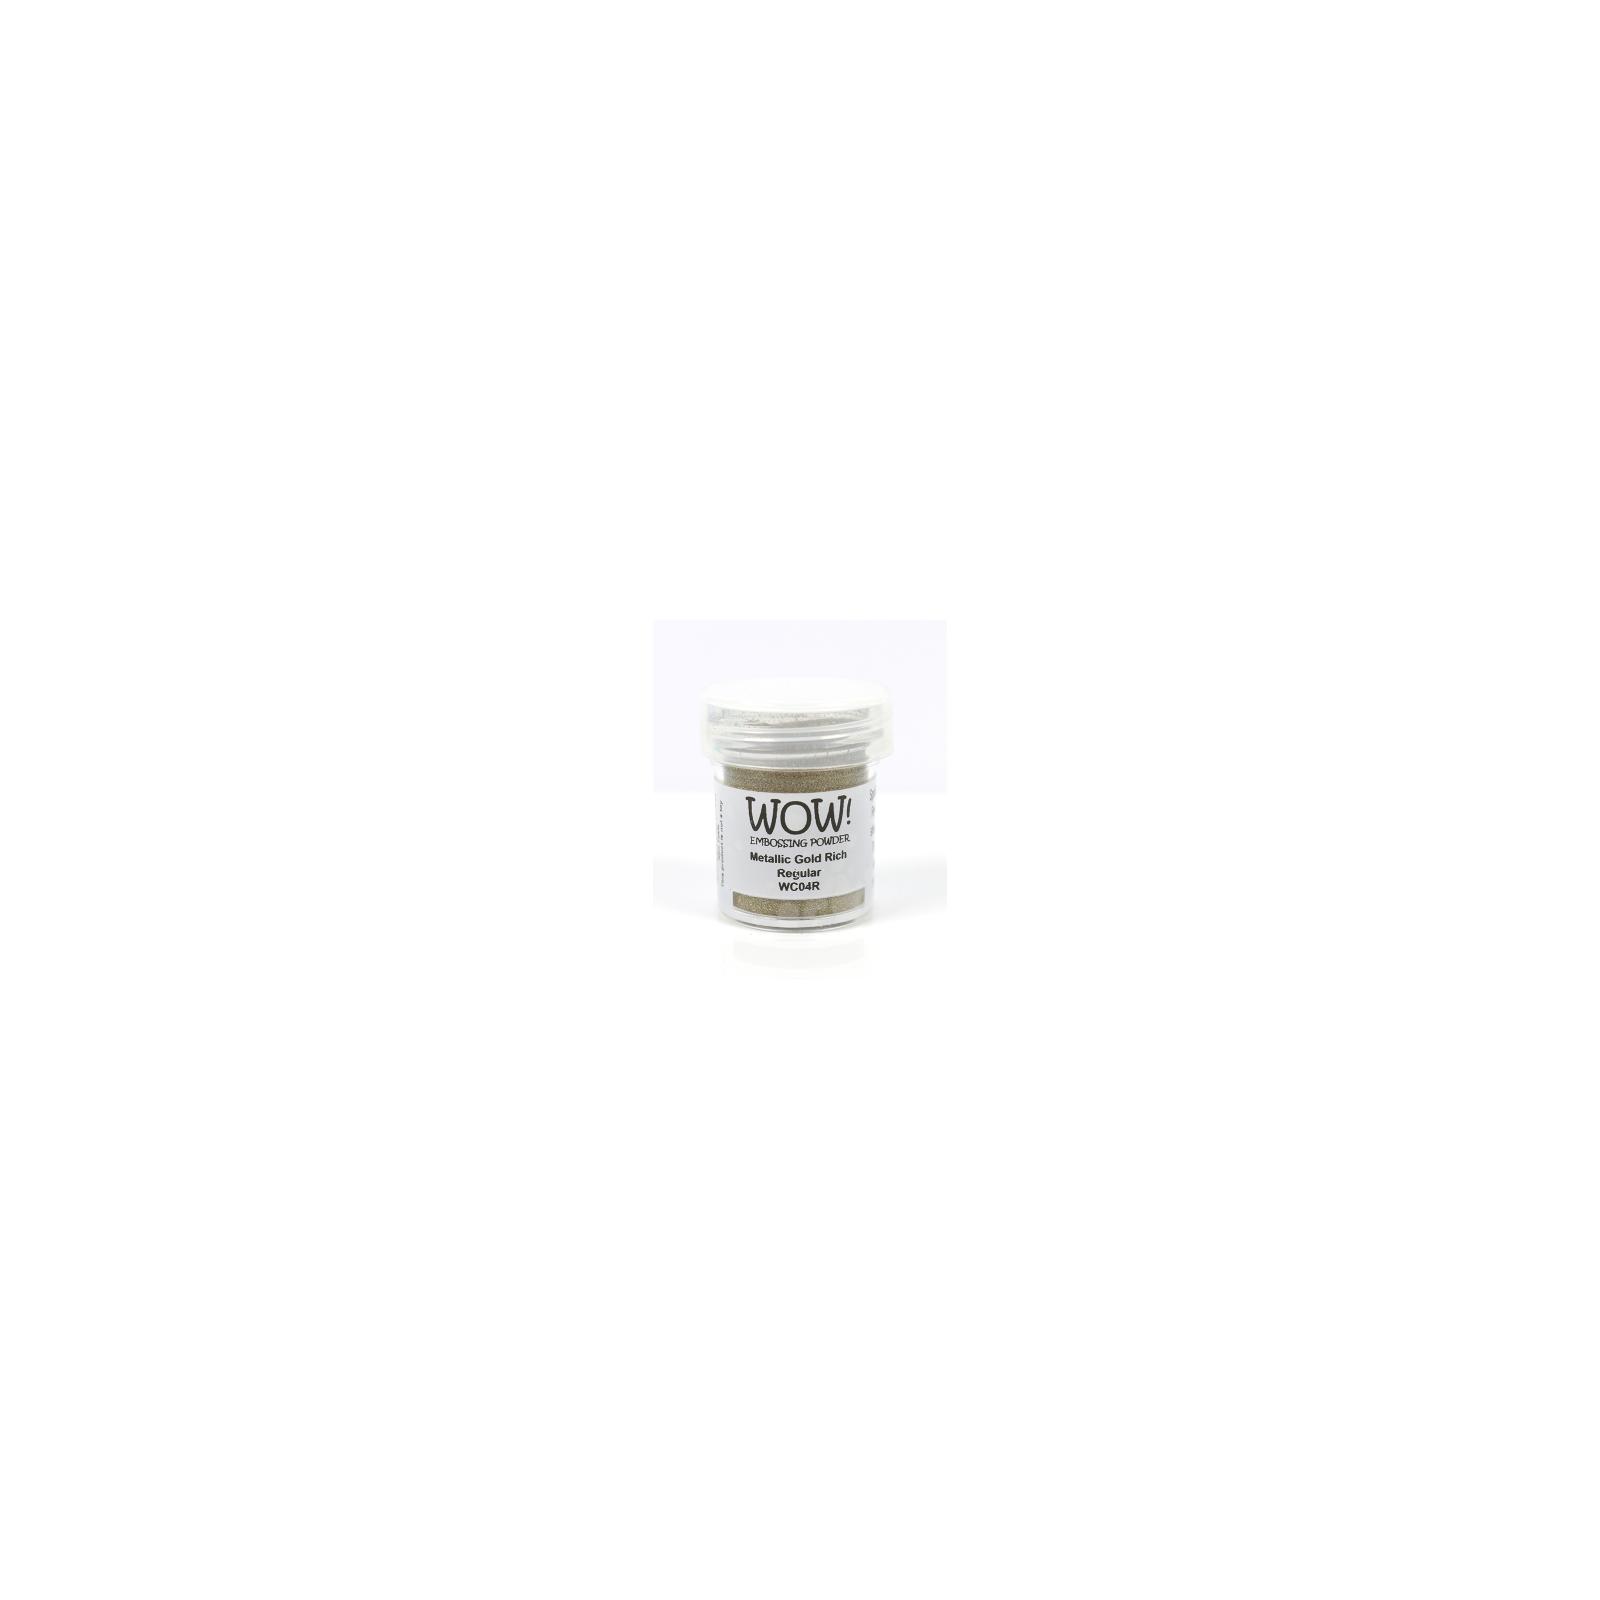 Poudre à embosser - Metallic Gold Rich - Regular - WOW!